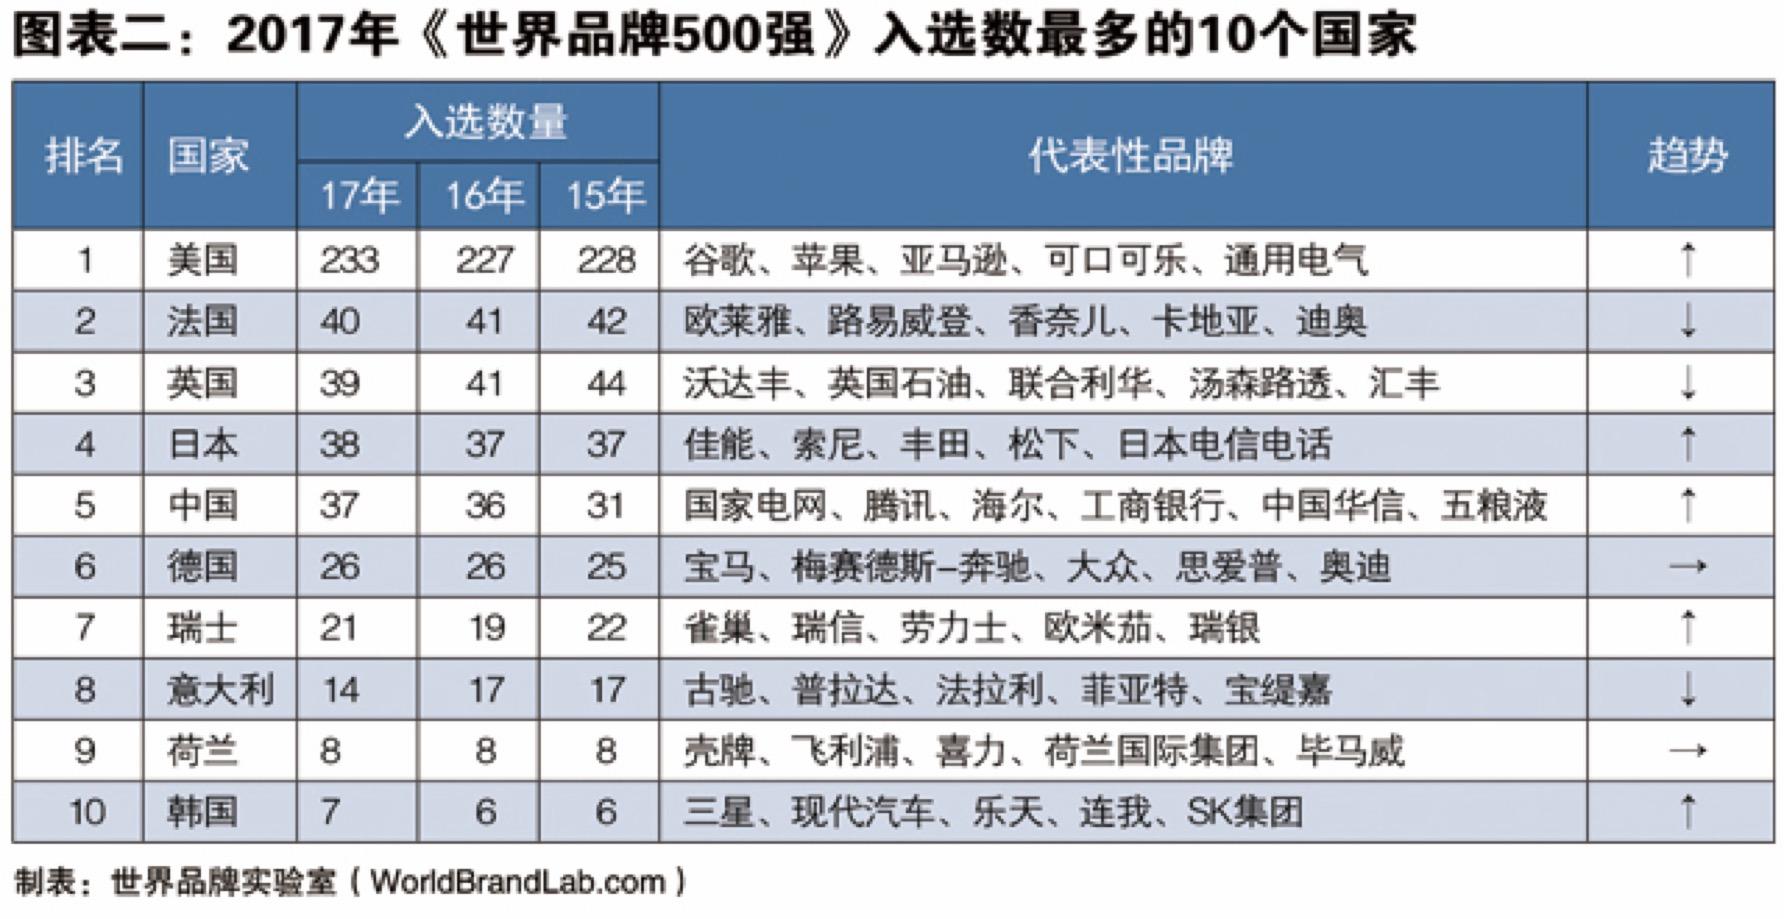 世界品牌实验室发布2017年世界品牌500强:中国仅